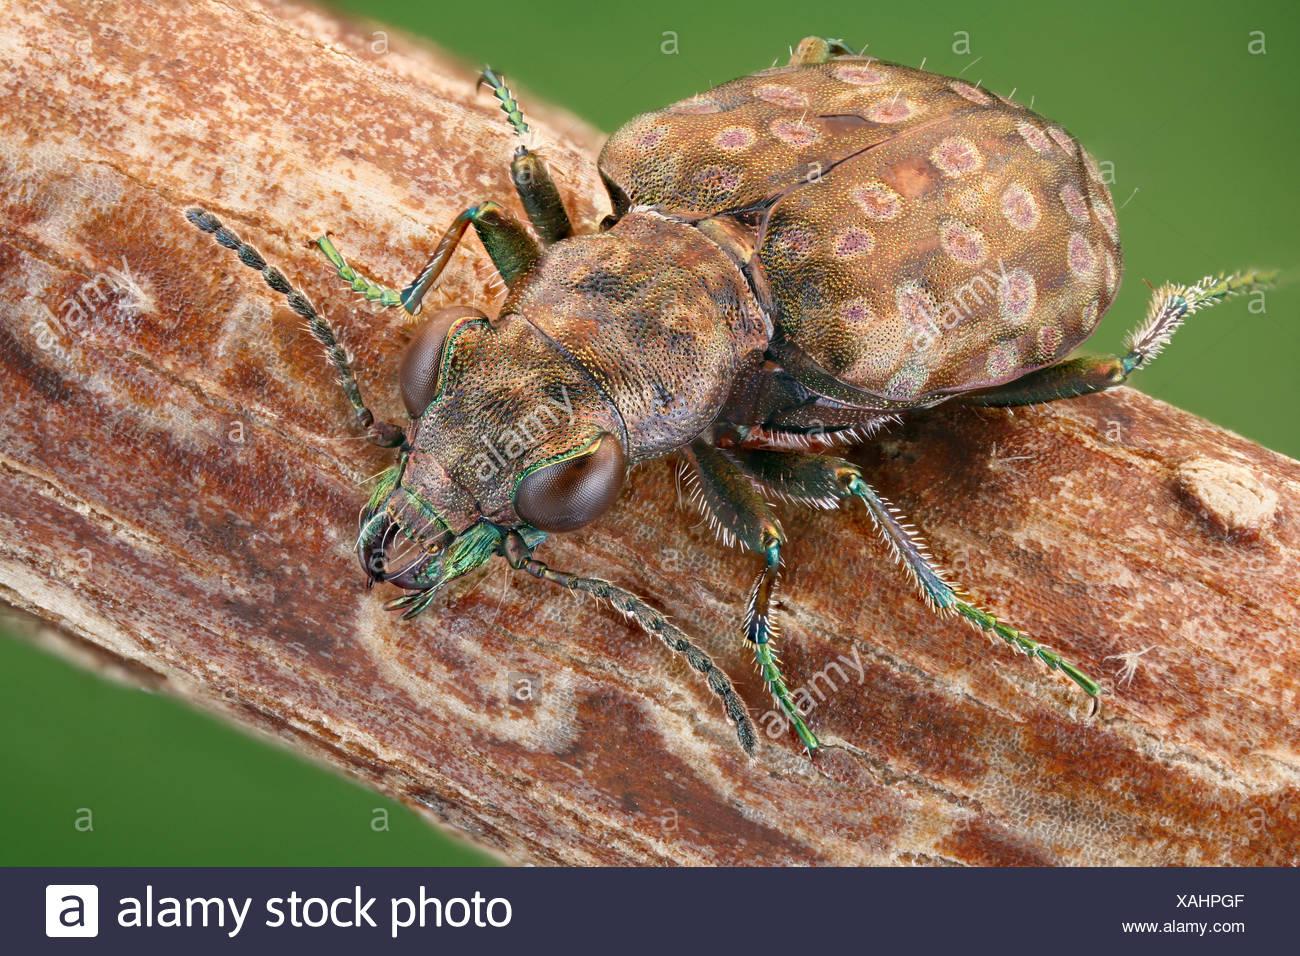 Ground beetle Elaphrus riparius on a twig, extreme close-up - Stock Image